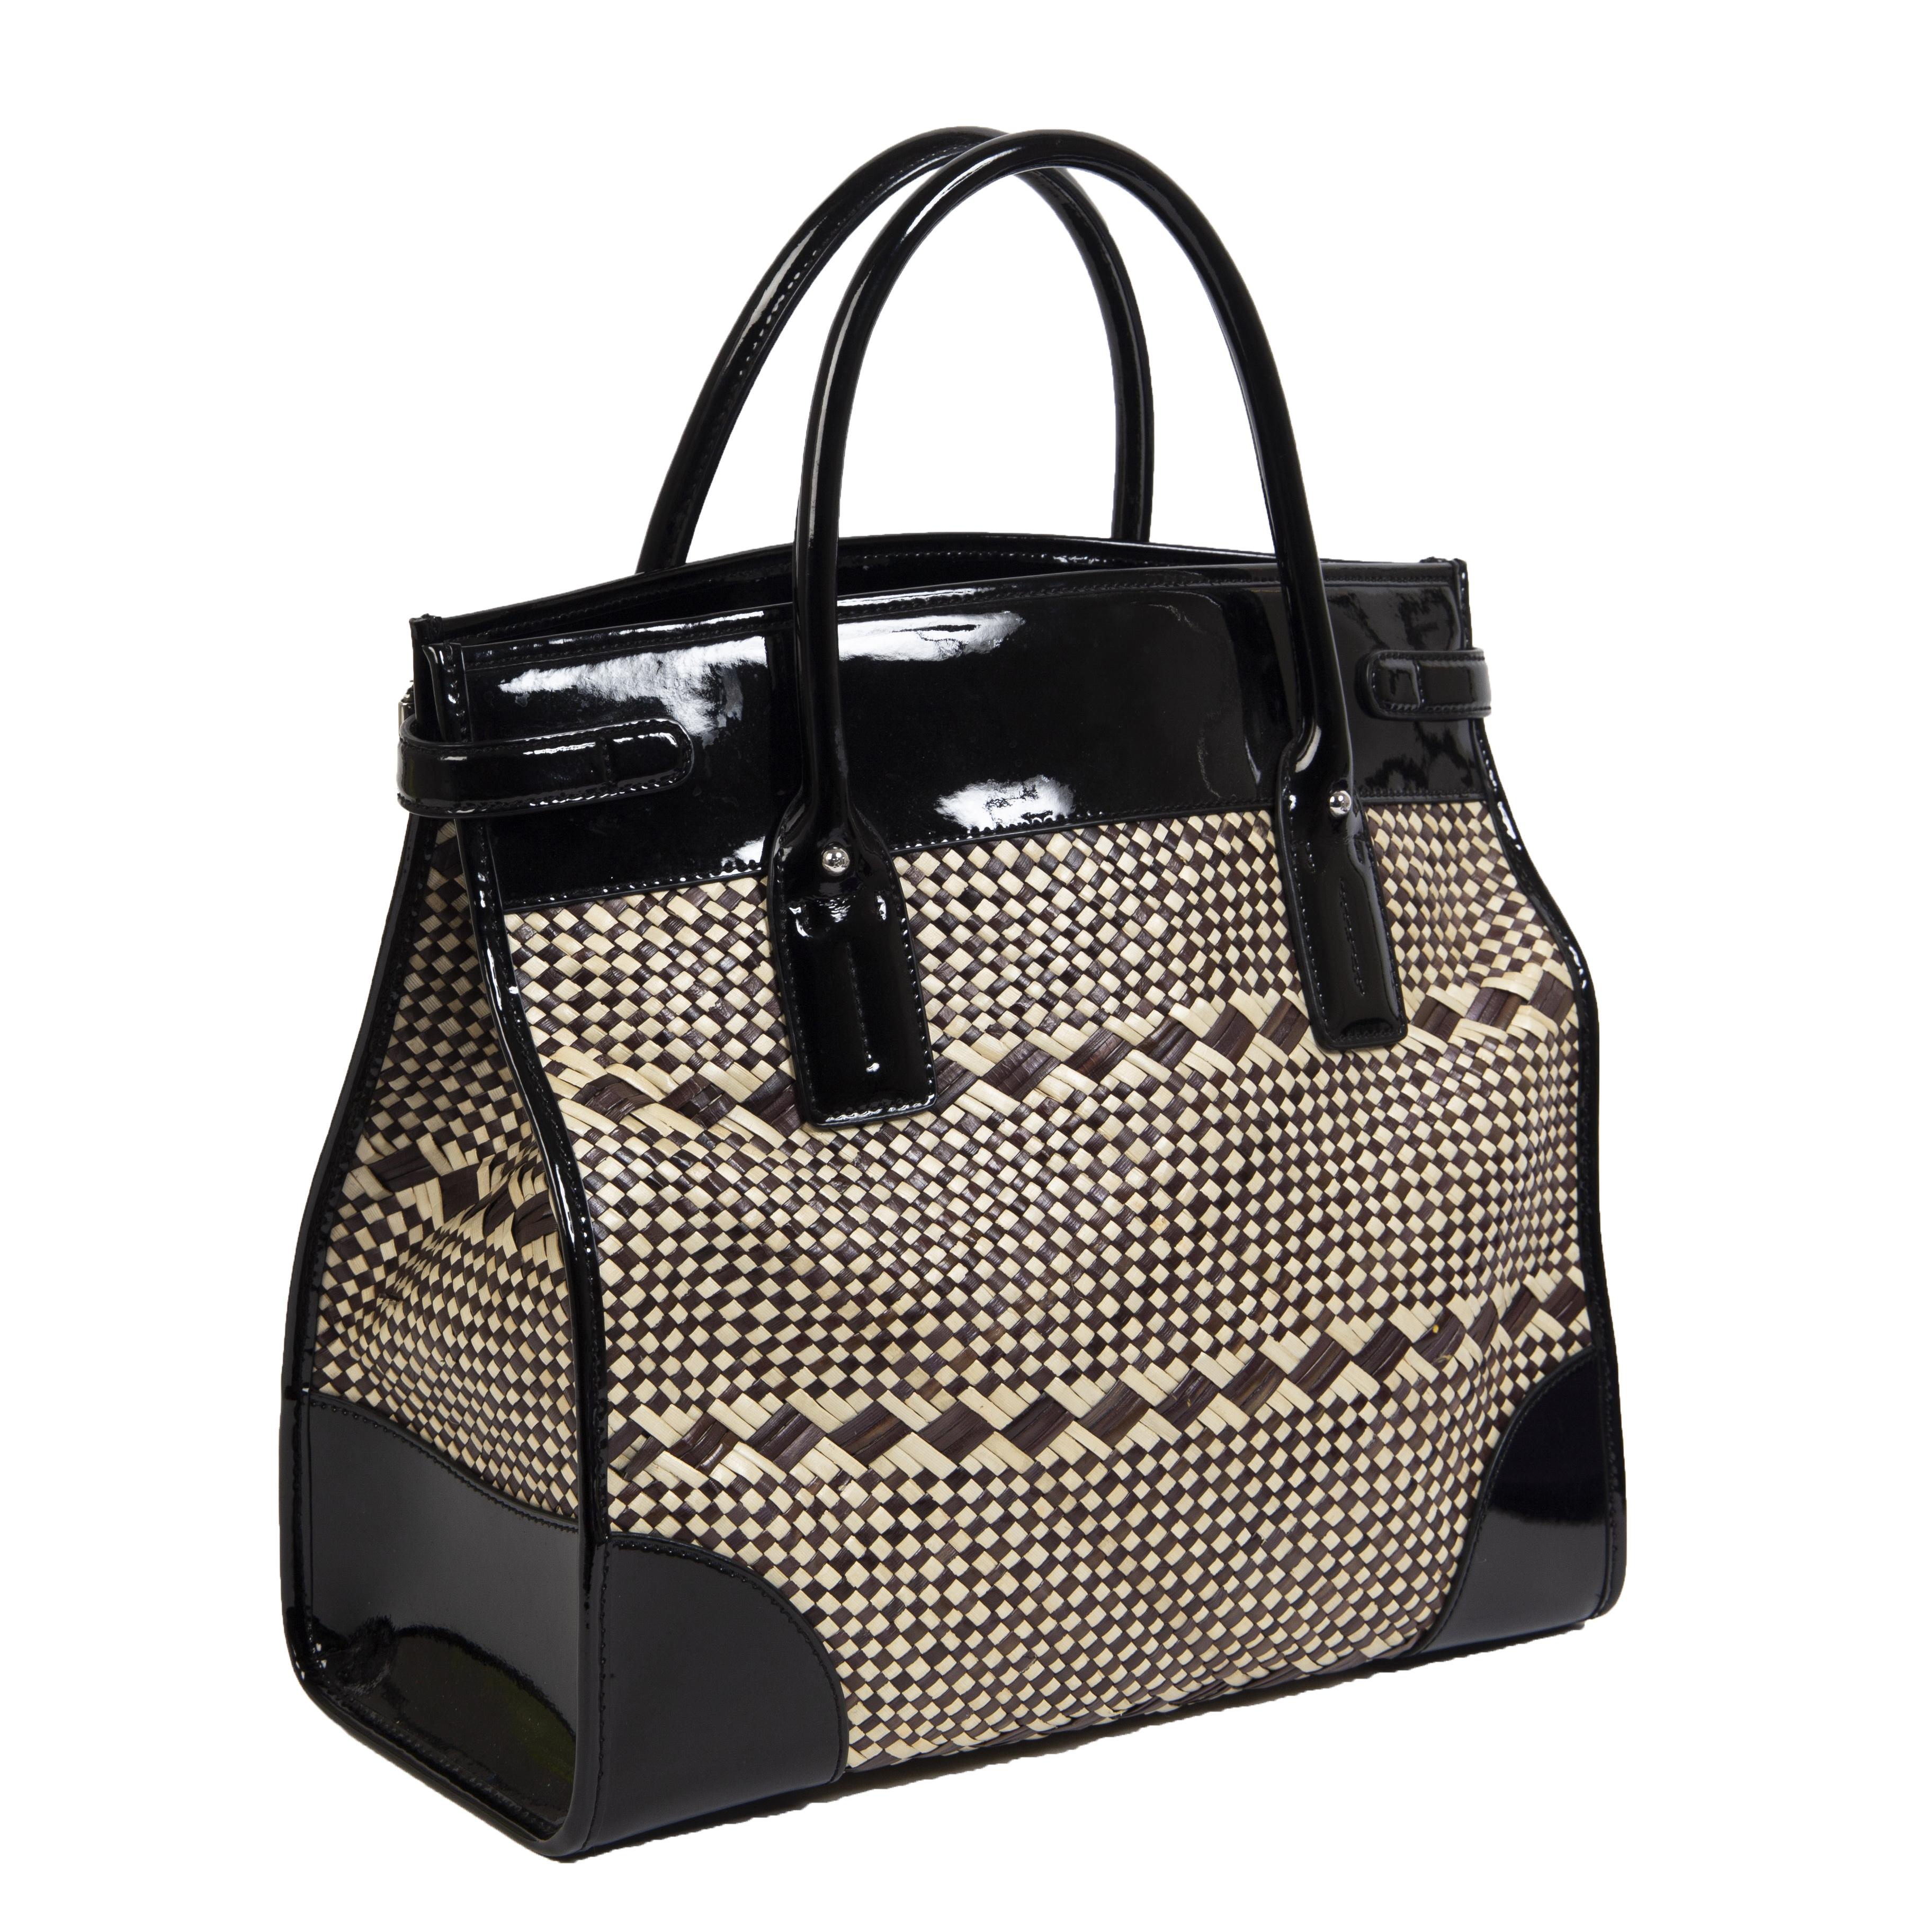 Authentieke Tweedehands Ralph Lauren Woven Black Patent Leather Bag juiste prijs veilig online shoppen luxe merken webshop winkelen Antwerpen België mode fashion